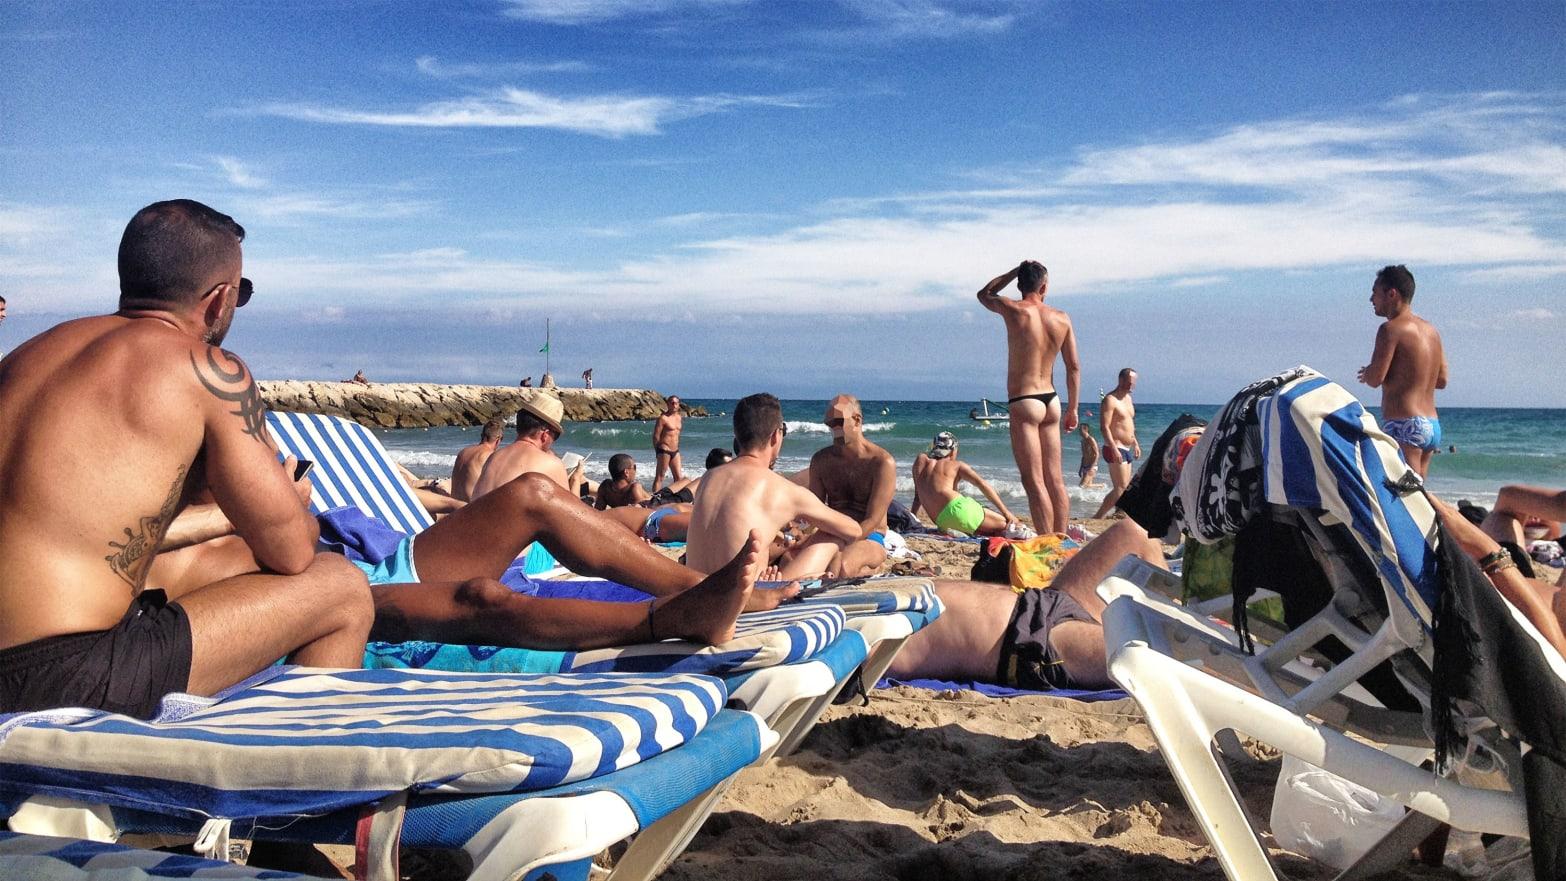 Nude beach sex couples tumblr